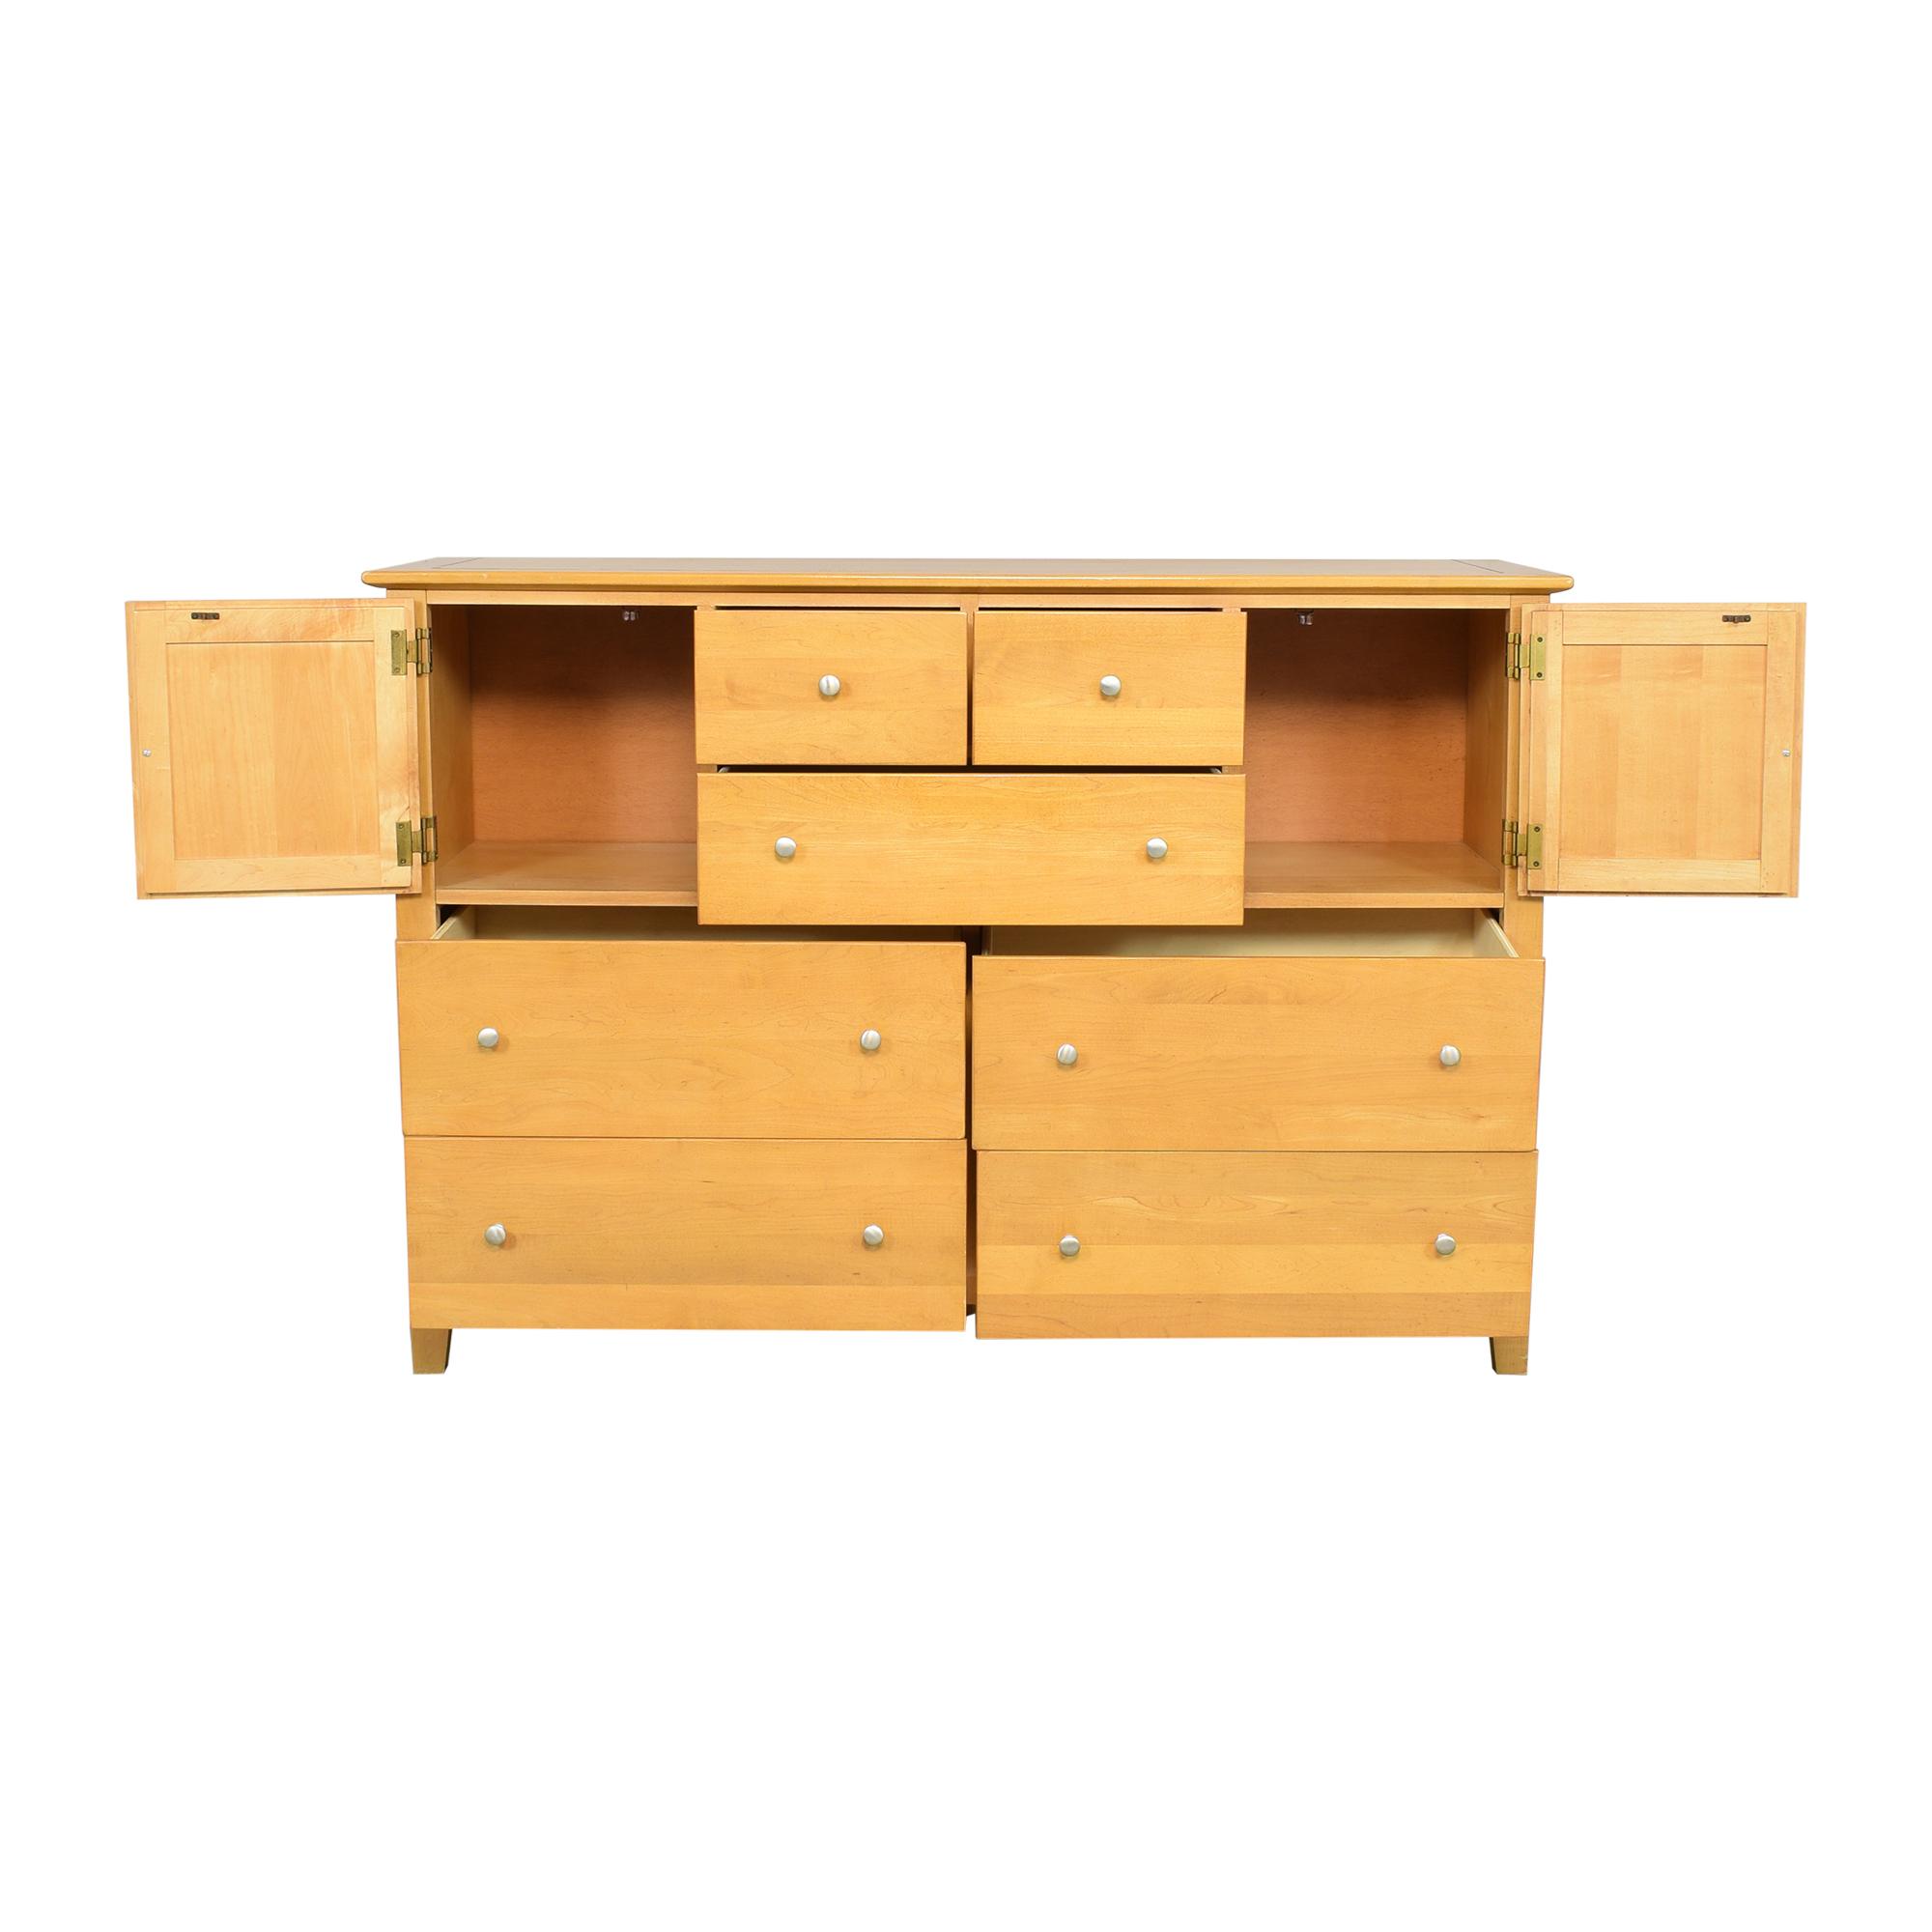 Stanley Furniture Stanley Funiture Double Door Dresser used